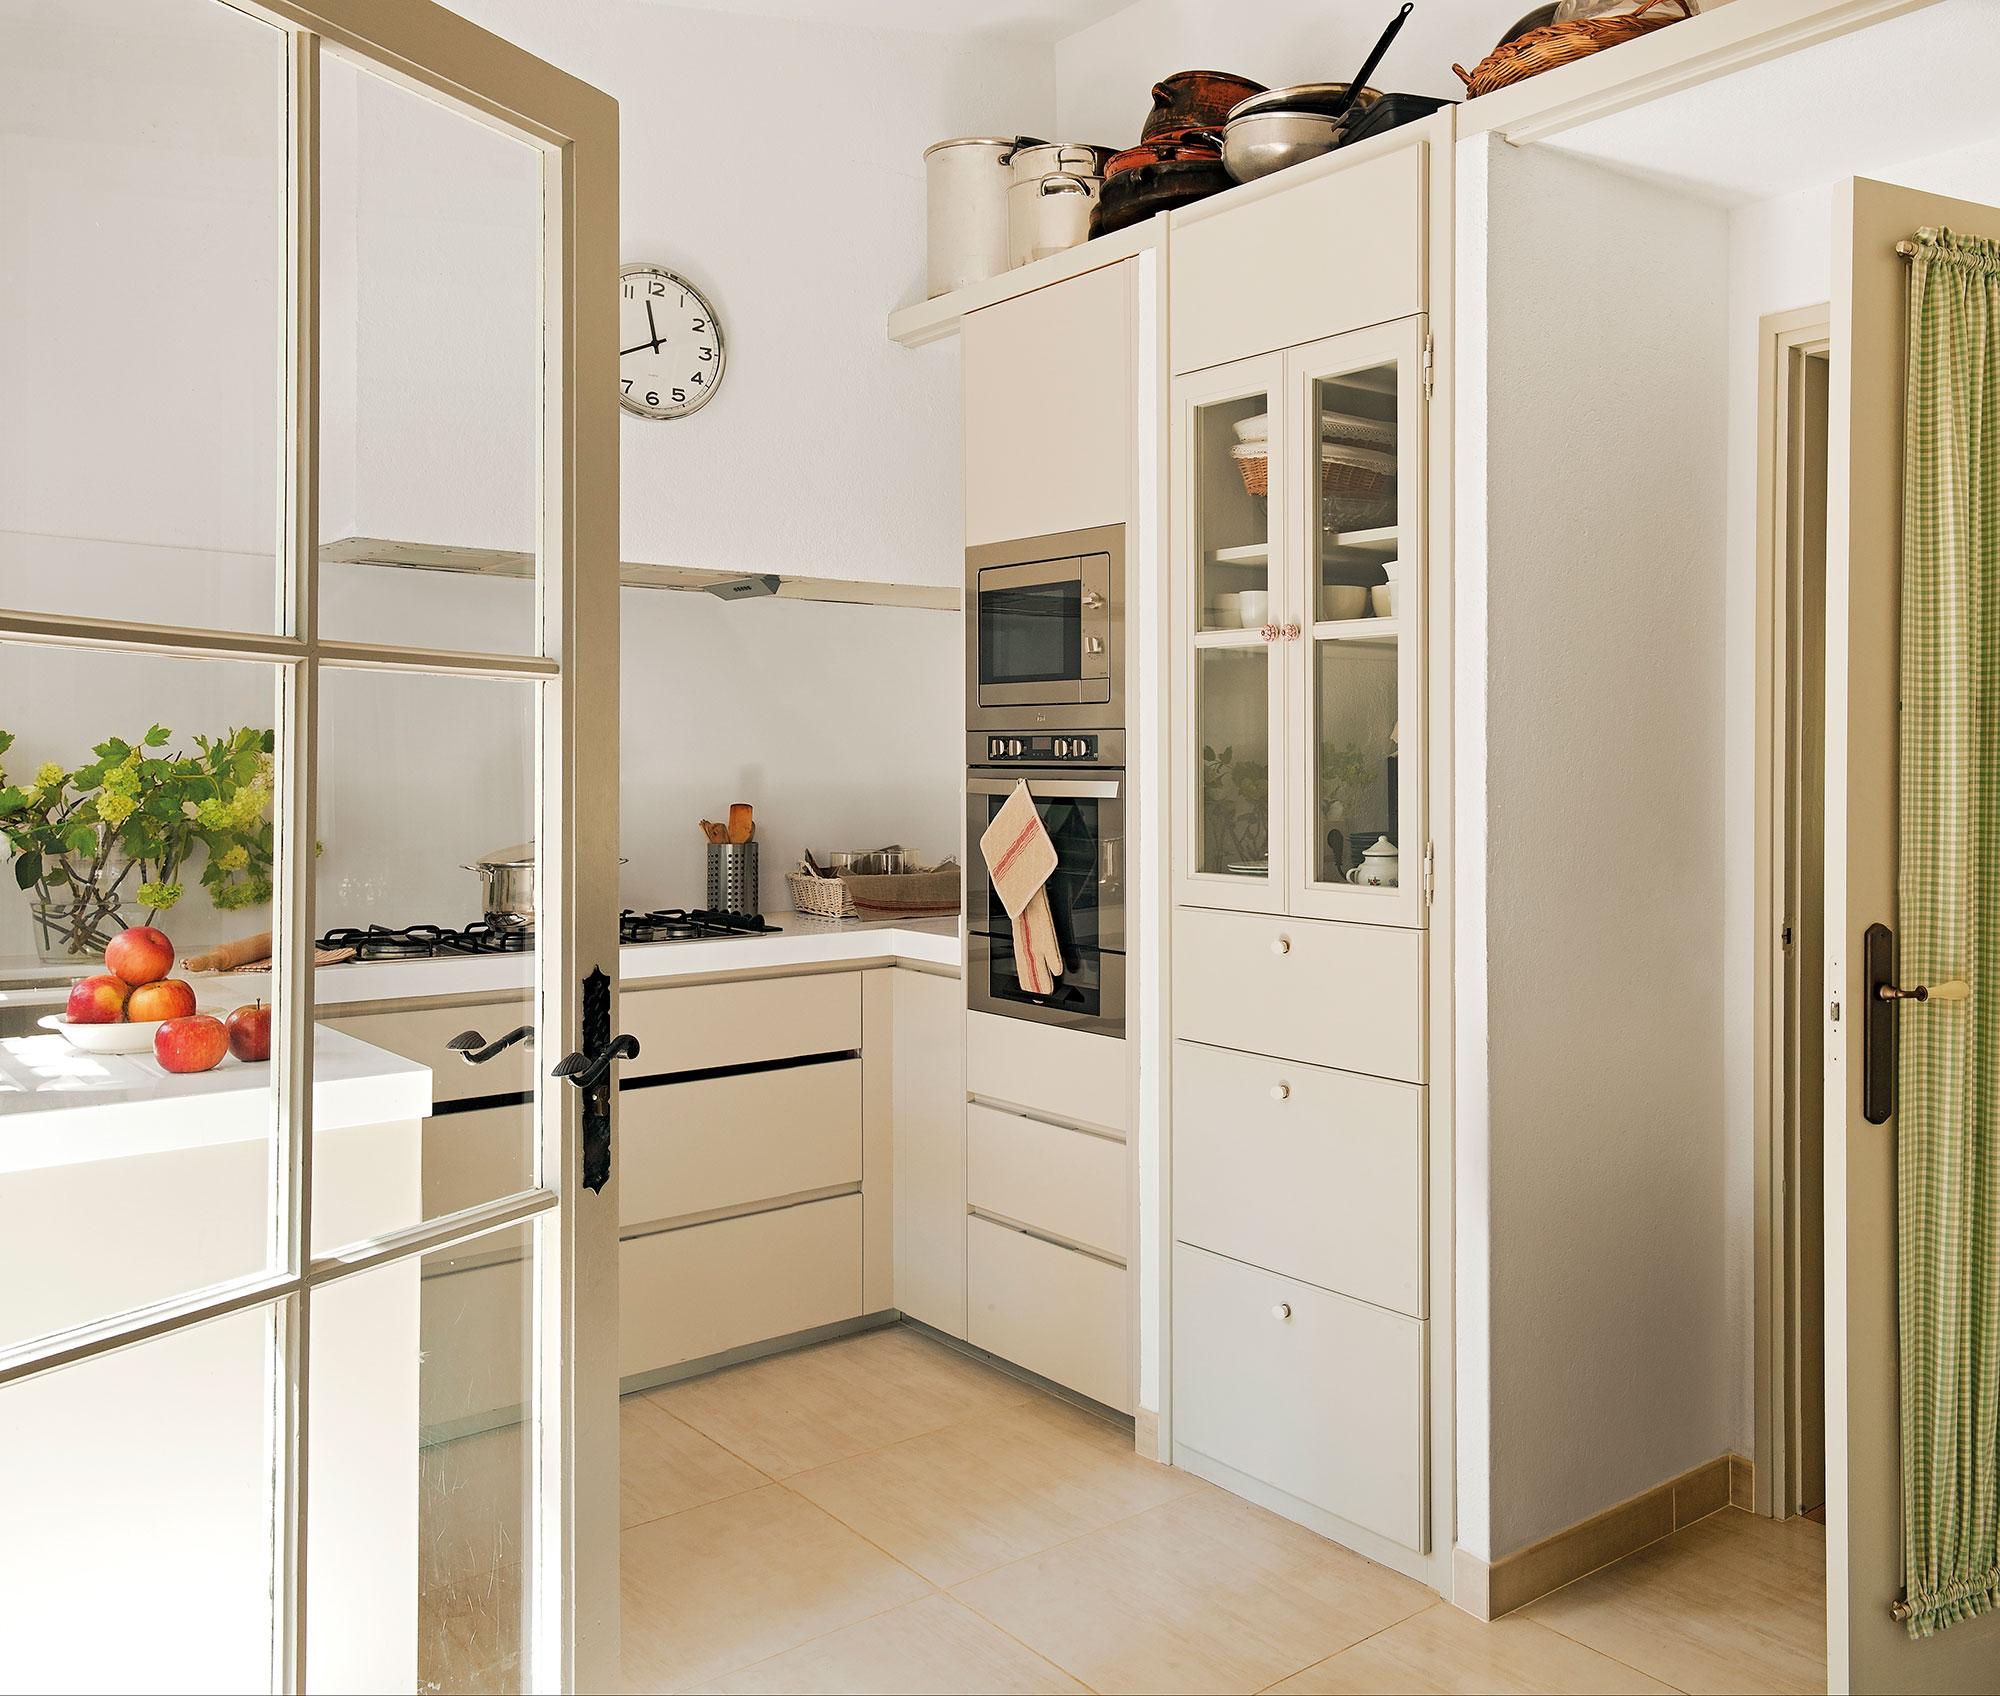 Cocinas Pequenas Claves Para Distribuirlas En U - Cocinas-pequeas-y-practicas